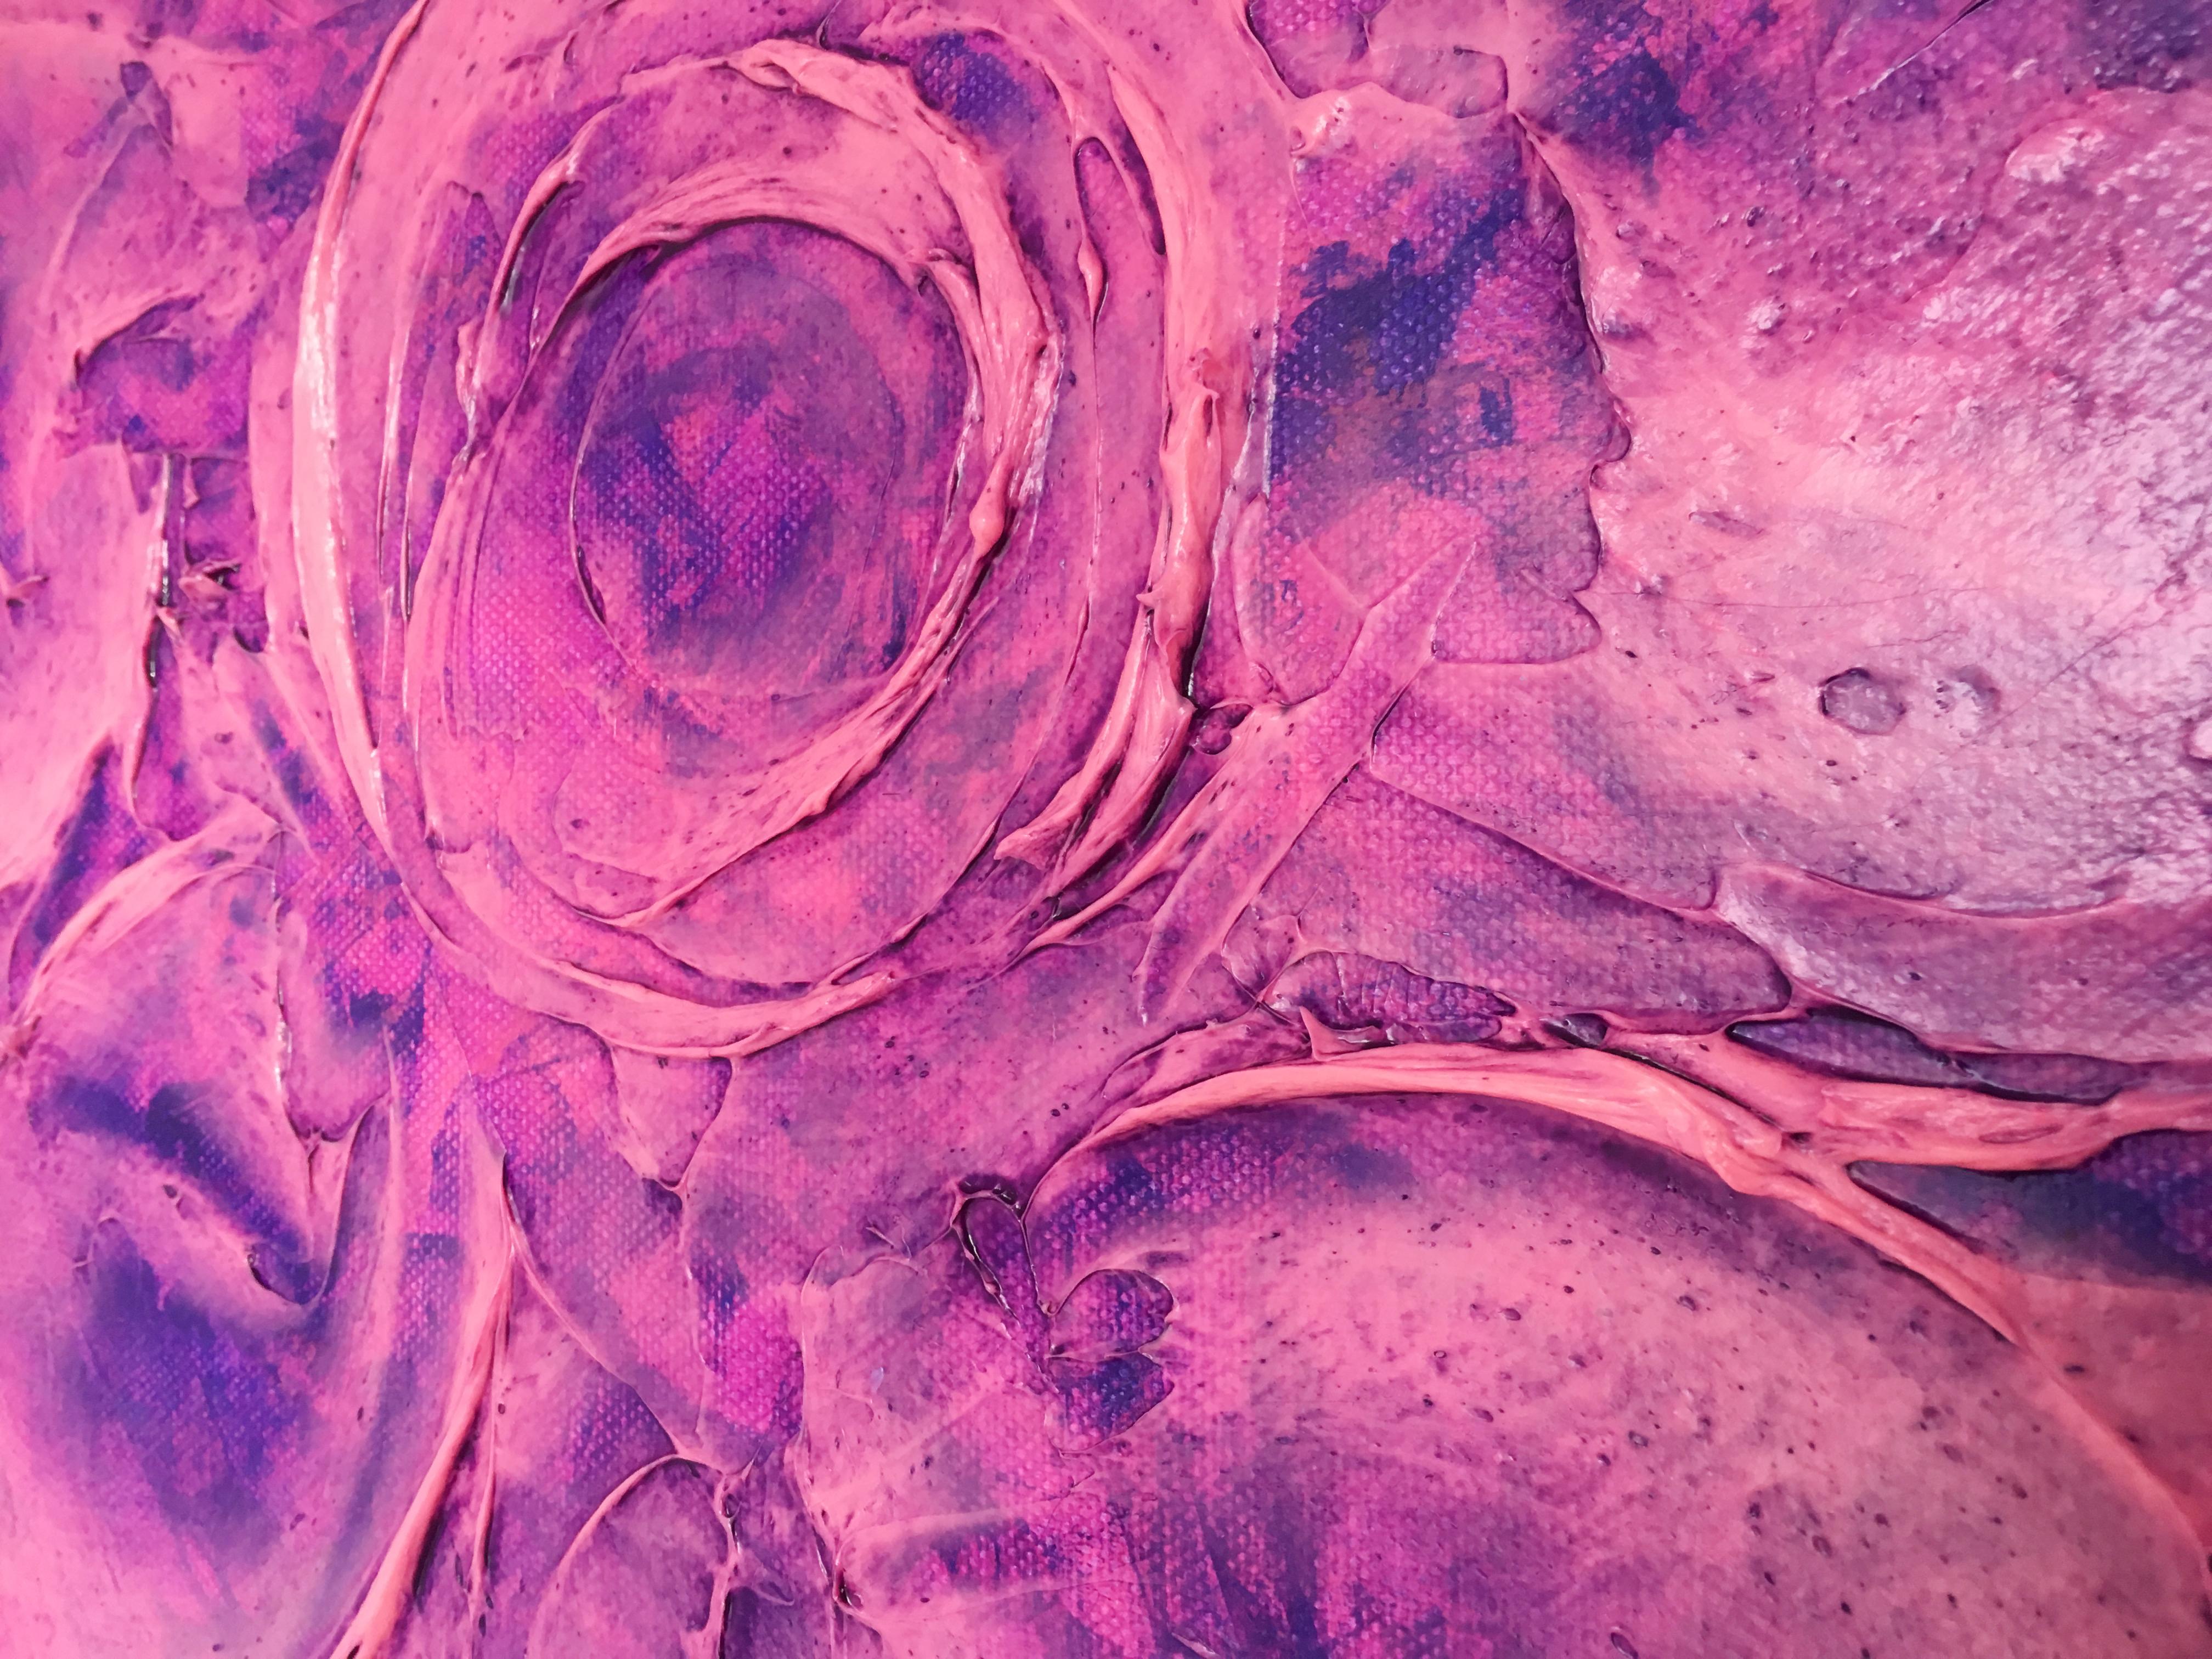 Stěna růží detail Katarína Regešová